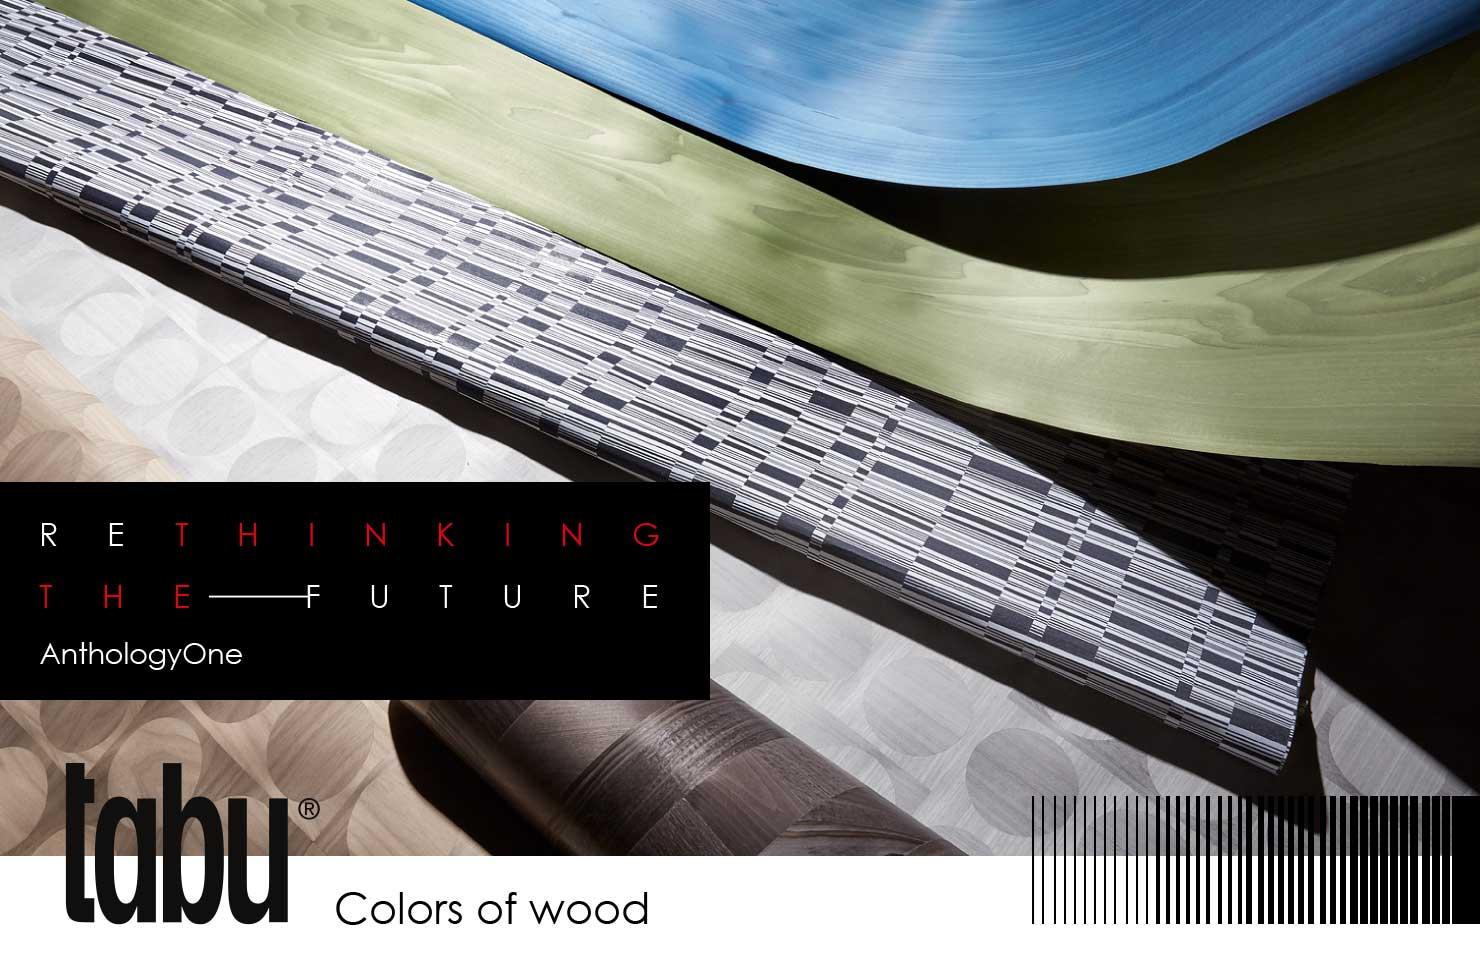 ReThinking the Future Anthology One tabu colors of wood